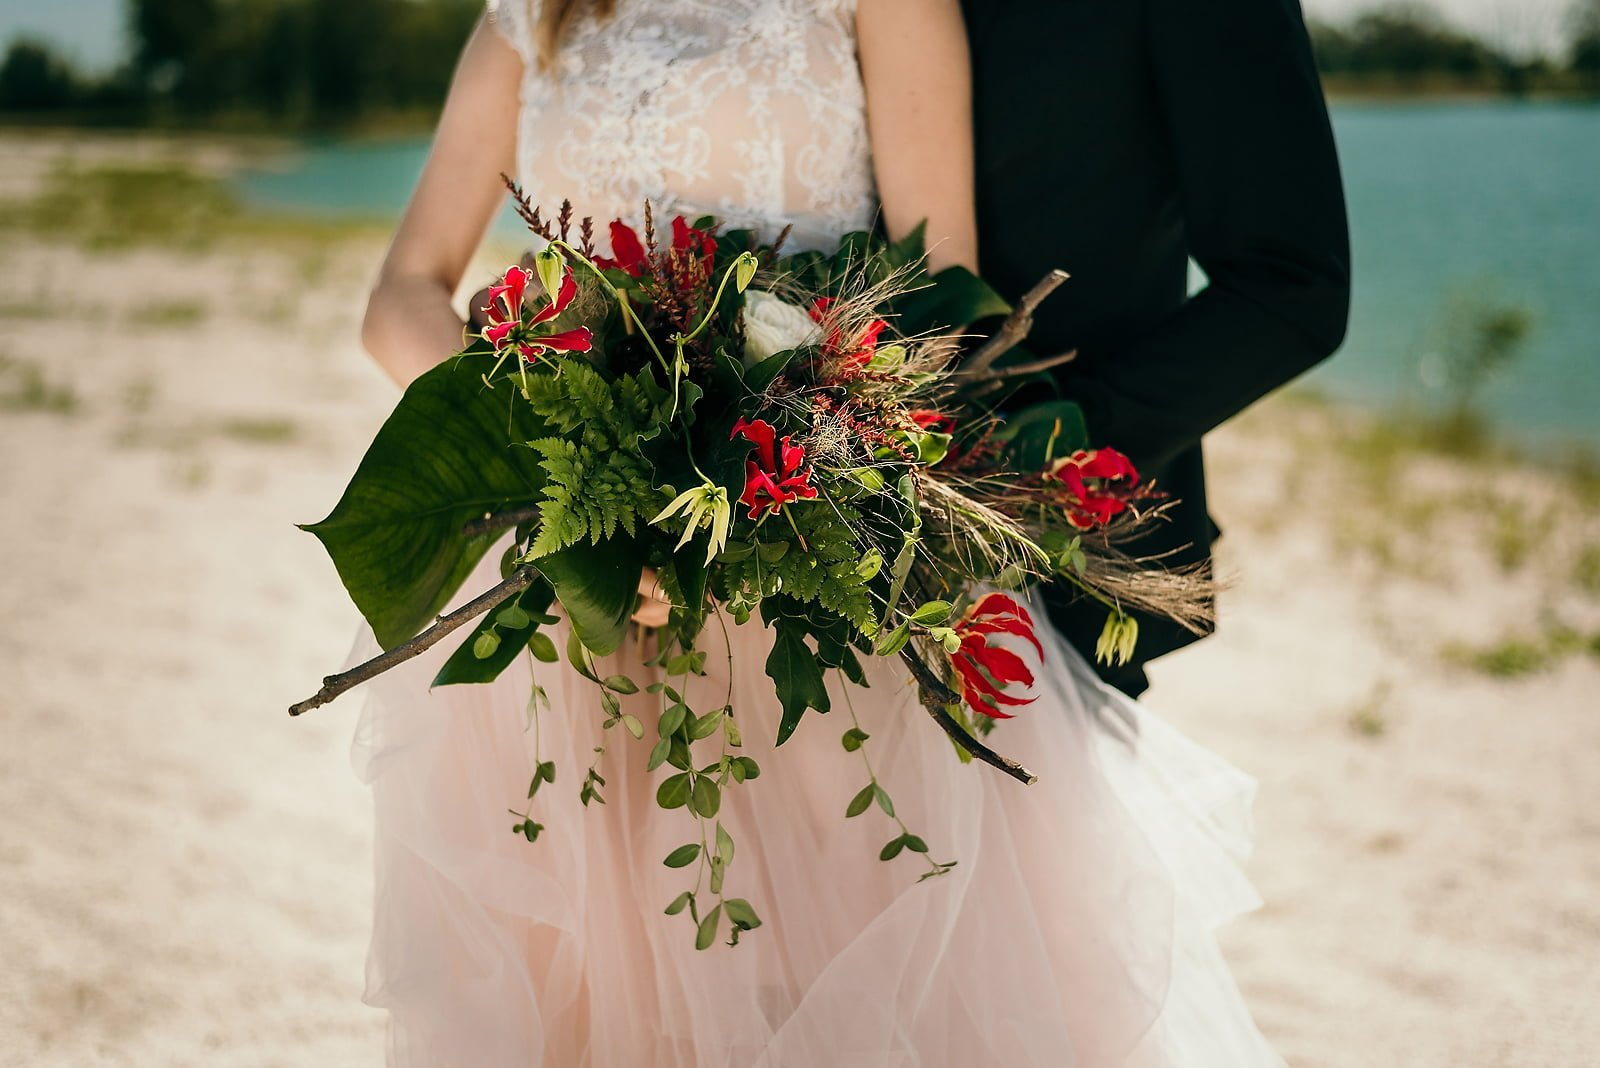 Stylizowana sesja ślubna w klimacie południowej Hiszpanii 3